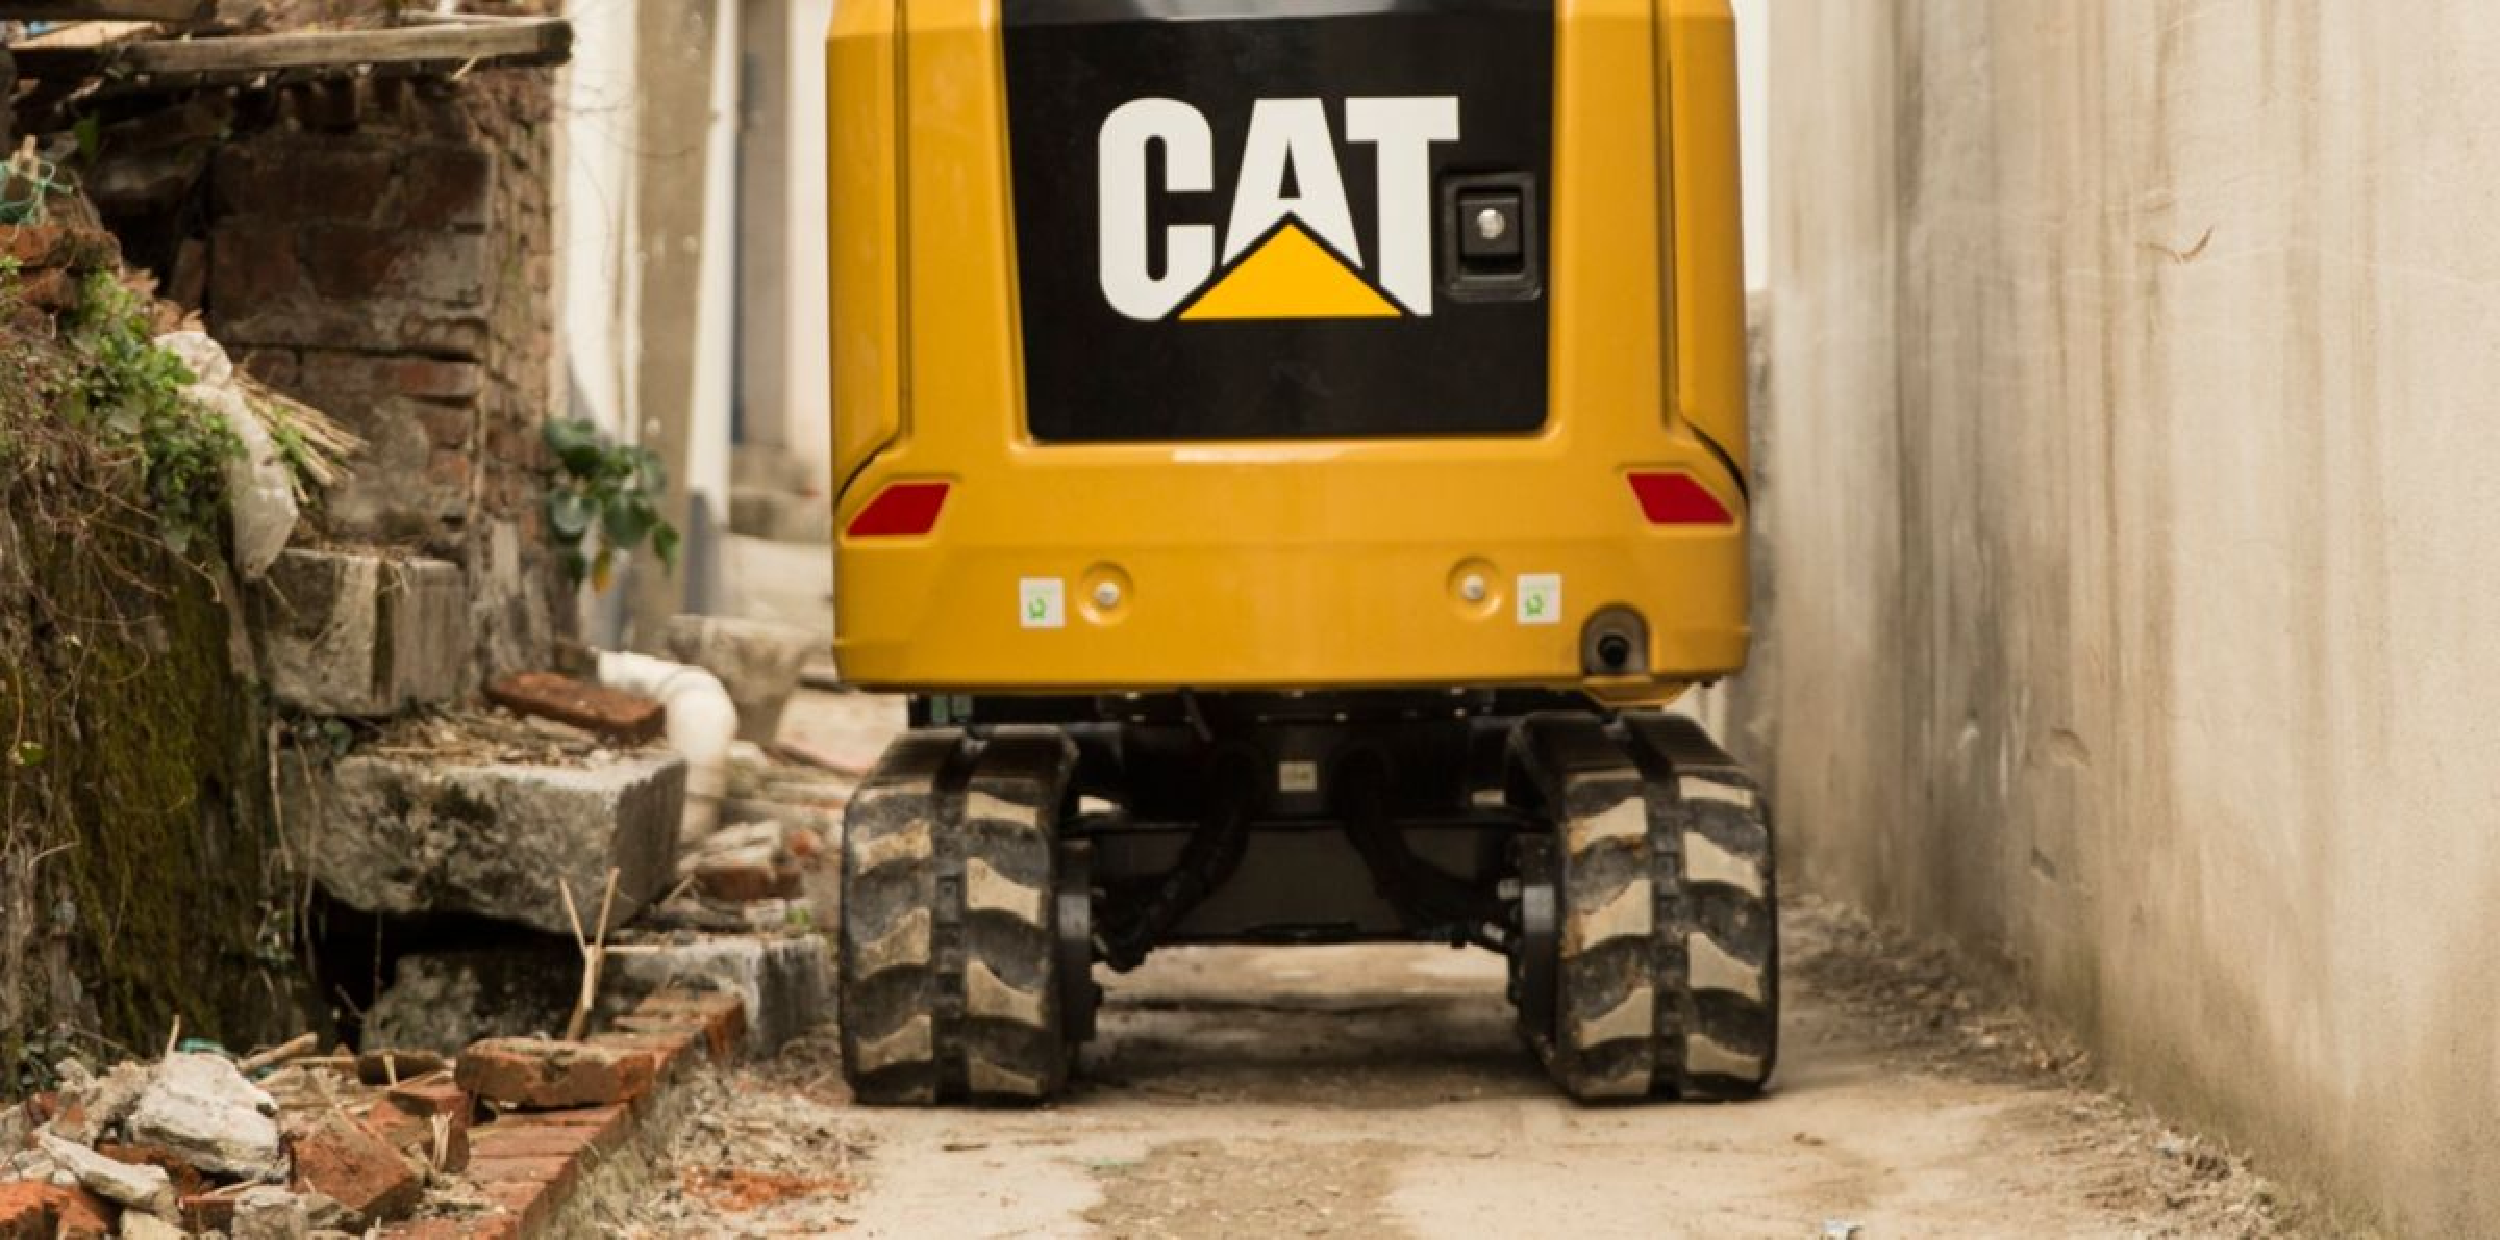 Cat | 302 CR Mini Excavator | Caterpillar